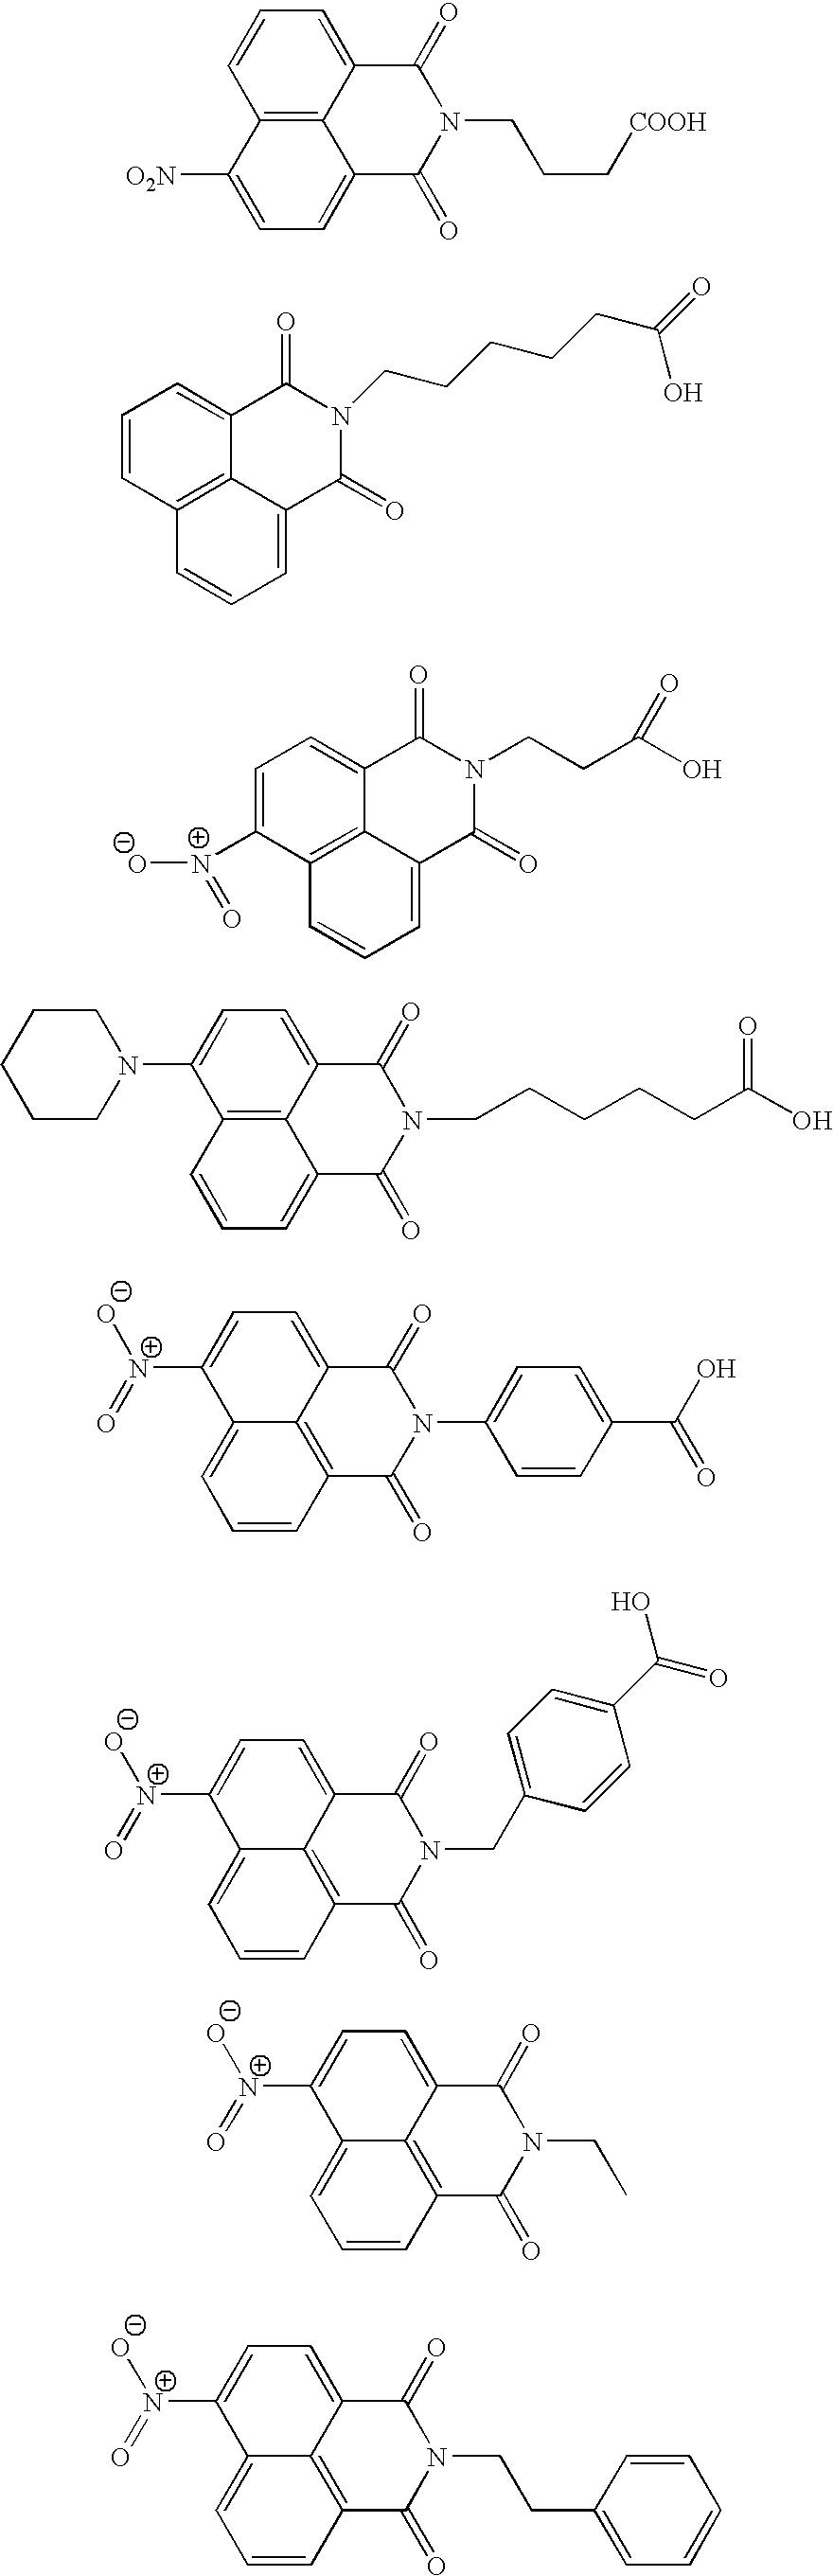 Figure US08119656-20120221-C00035